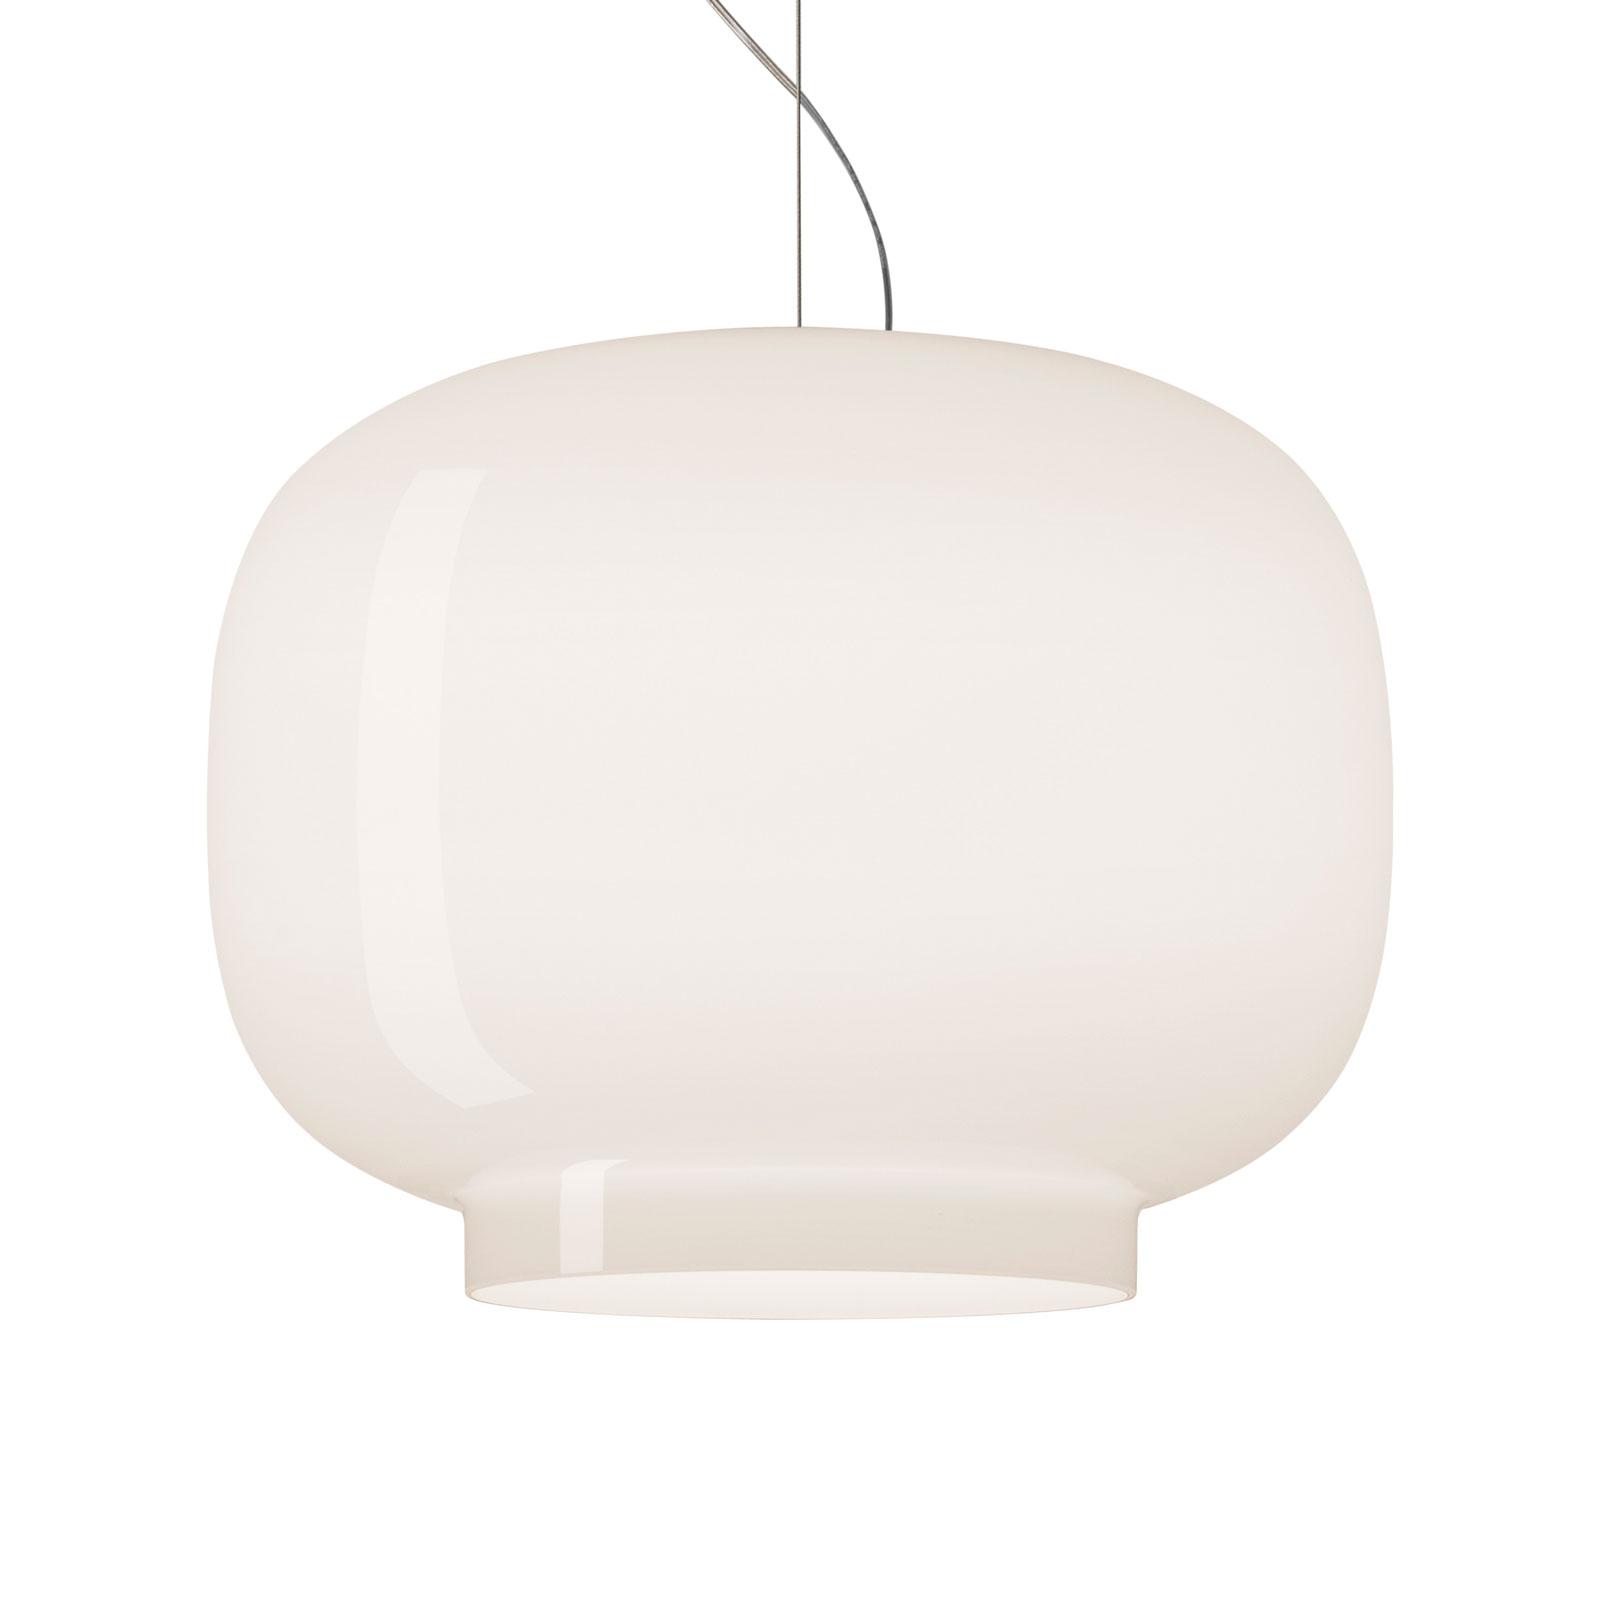 Foscarini Chouchin Bianco 3 LED-Hängelampe dimmbar